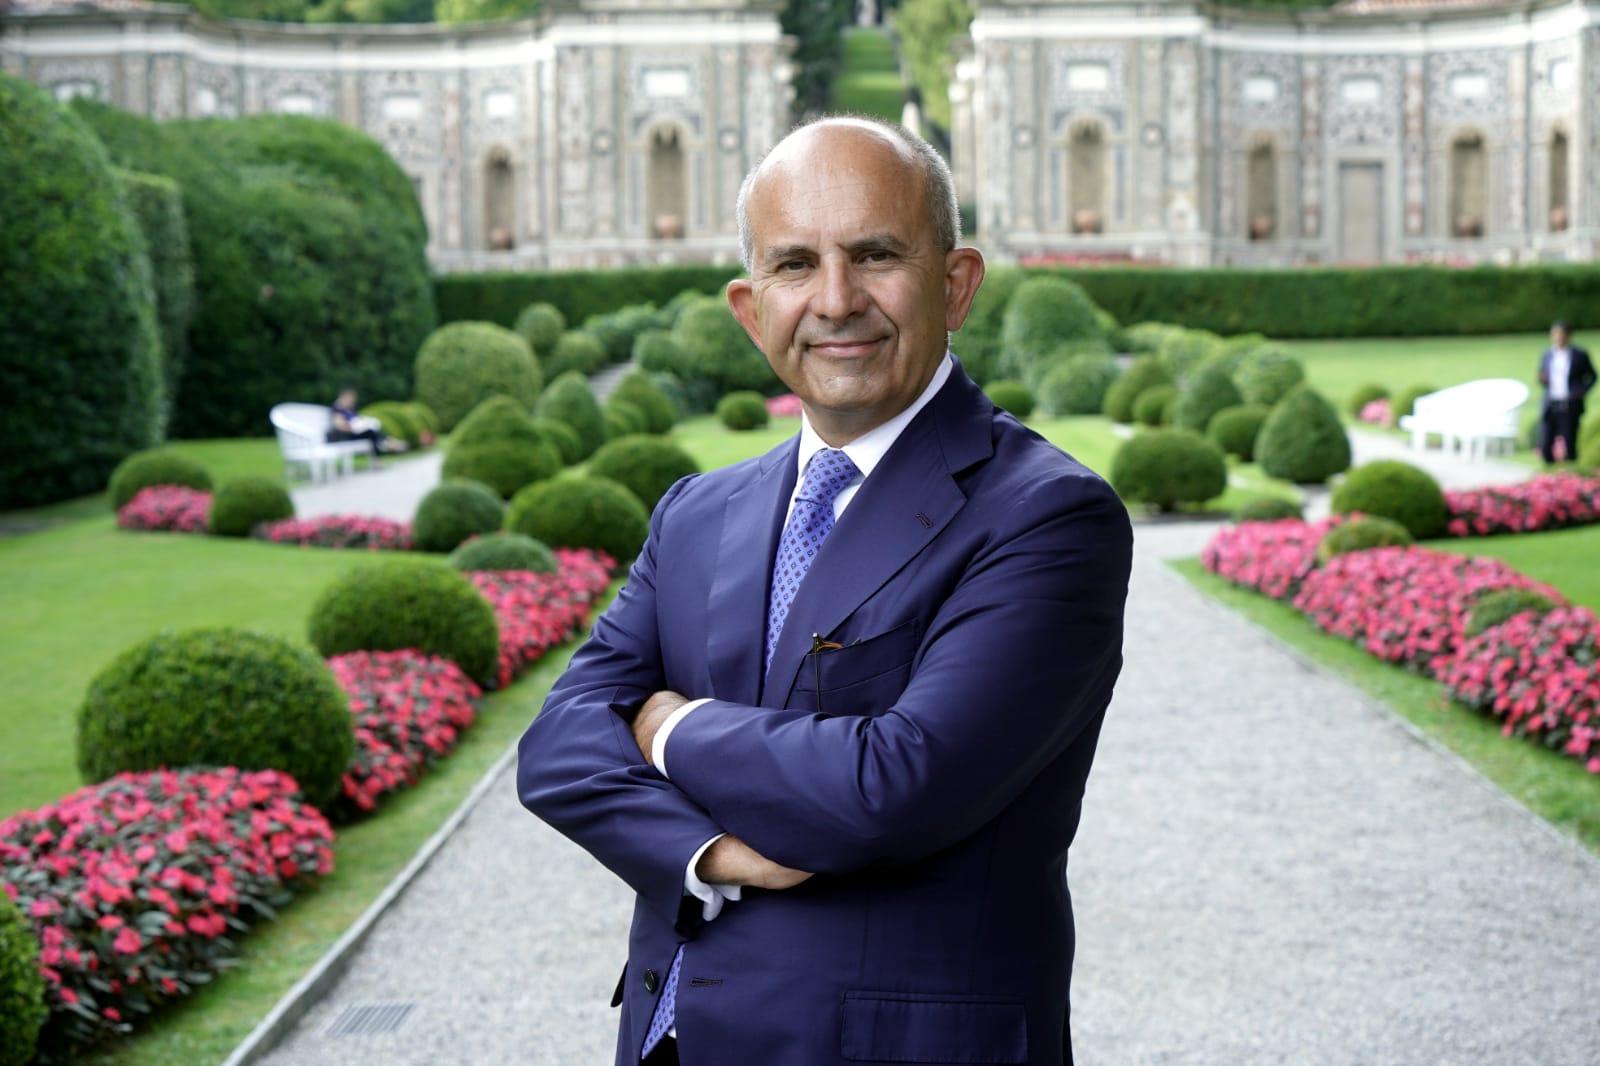 l'imprenditore-mecenate-che-si-e-impegnato-a-valorizzare-il-patrimonio-artistico-e-culturale-napoletano